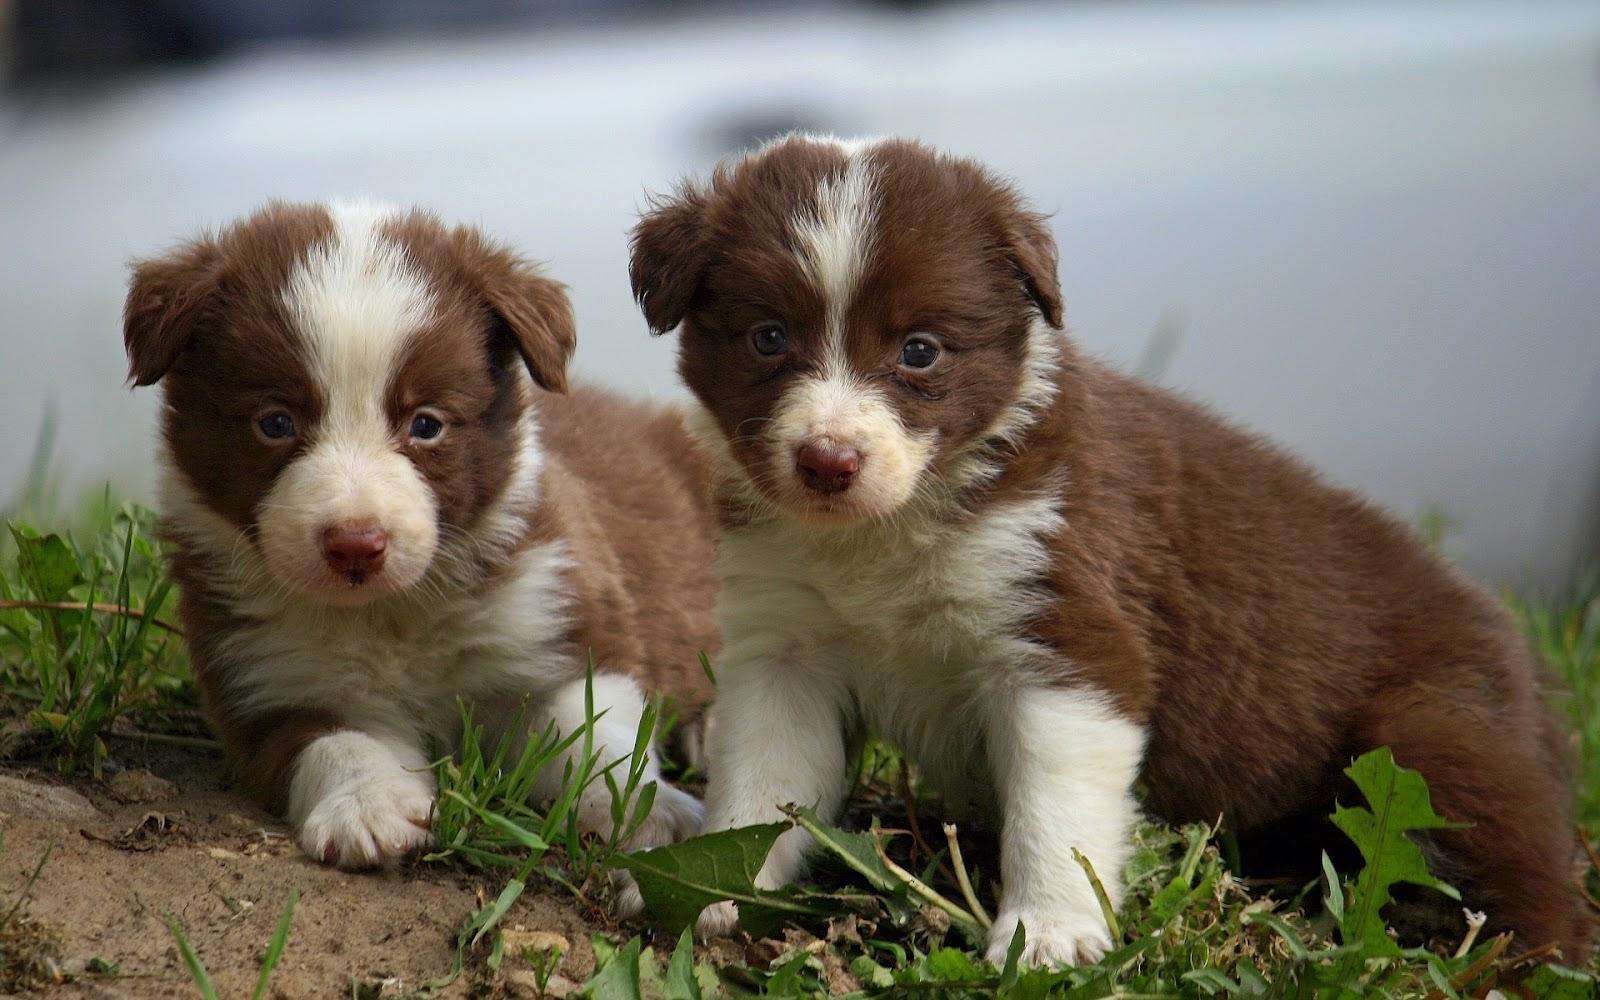 Perros Border Collie - Imágenes de Perros en HD | Fotos e Imágenes ...